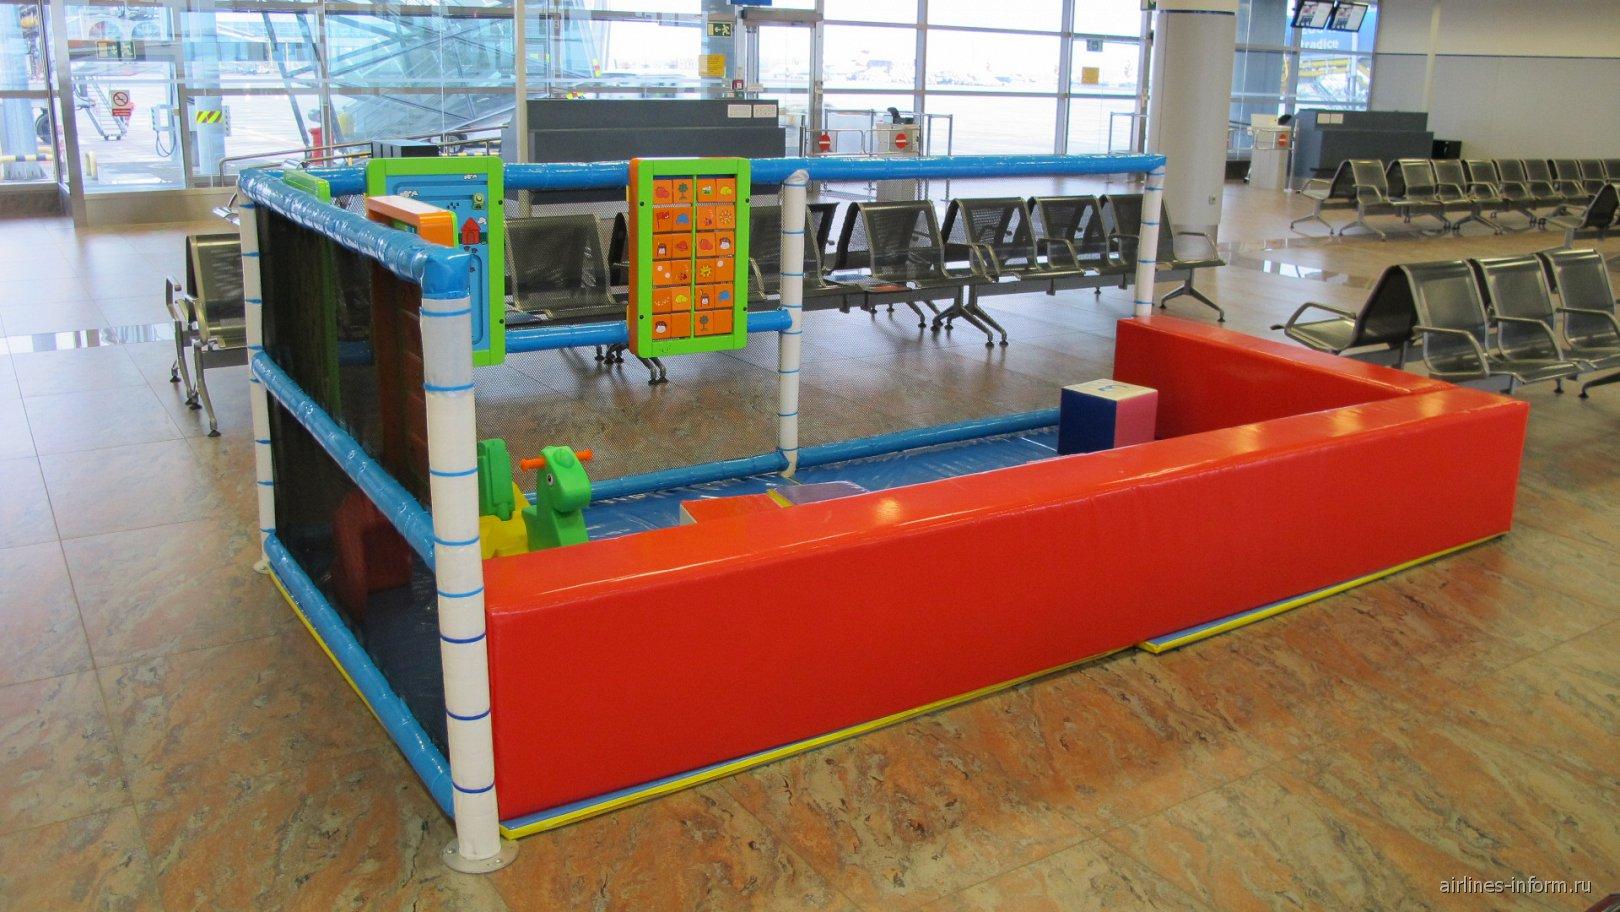 Детский уголок рядом с выходами на посадку в аэропорту Праги